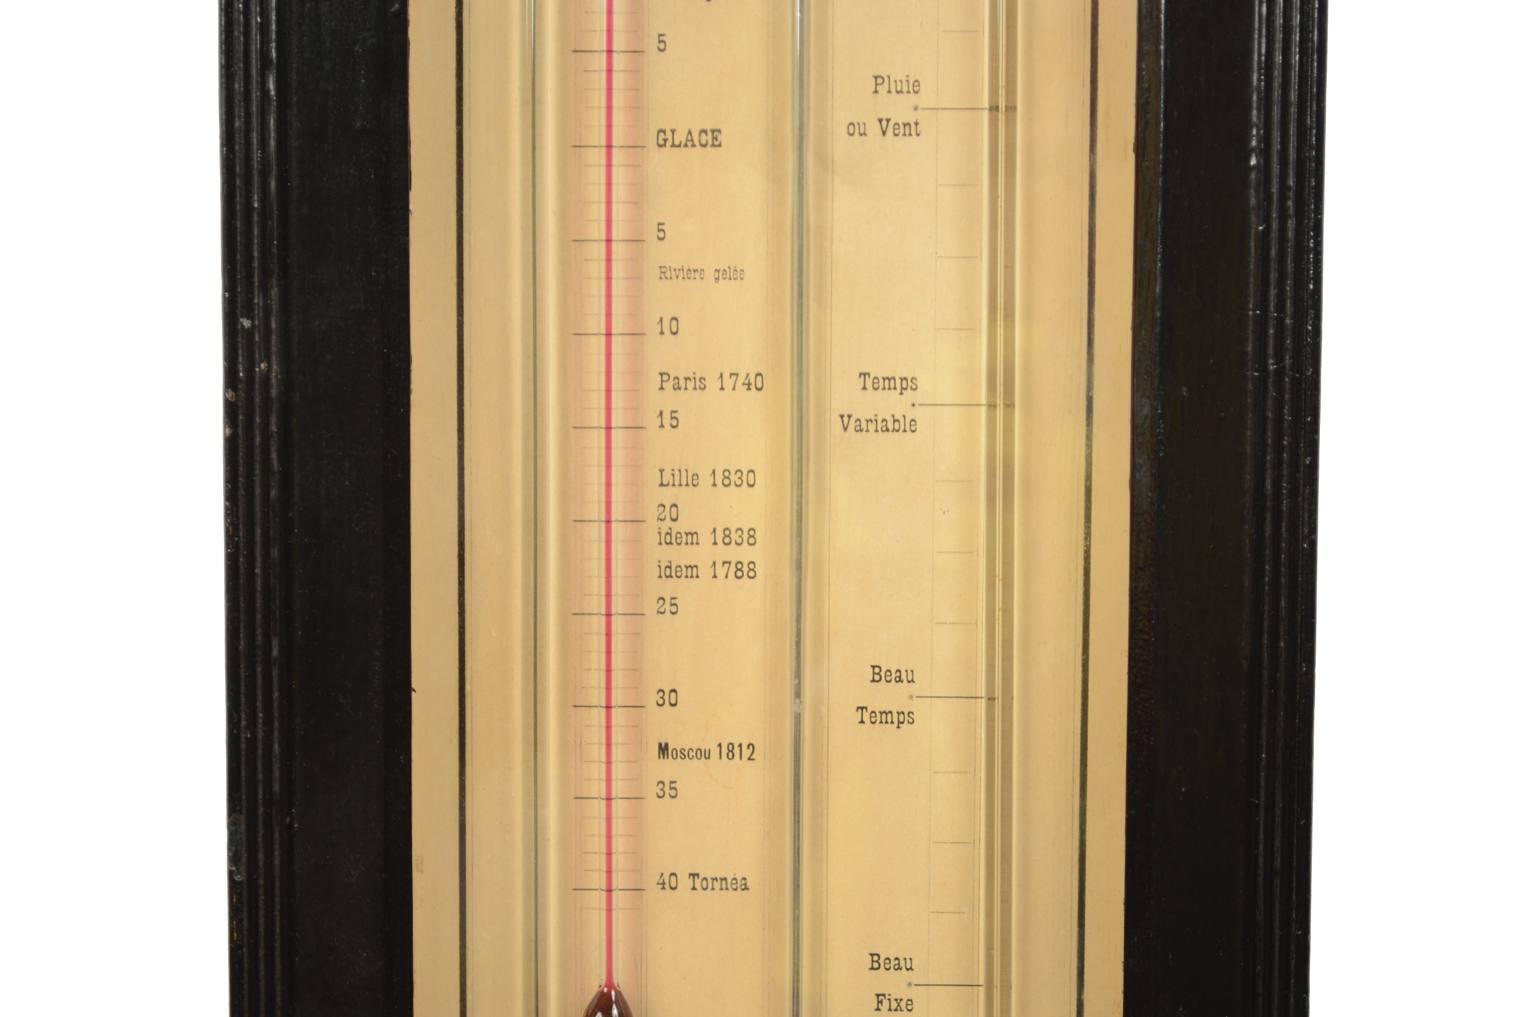 Barometri antichi/5210-Barometro antico francese